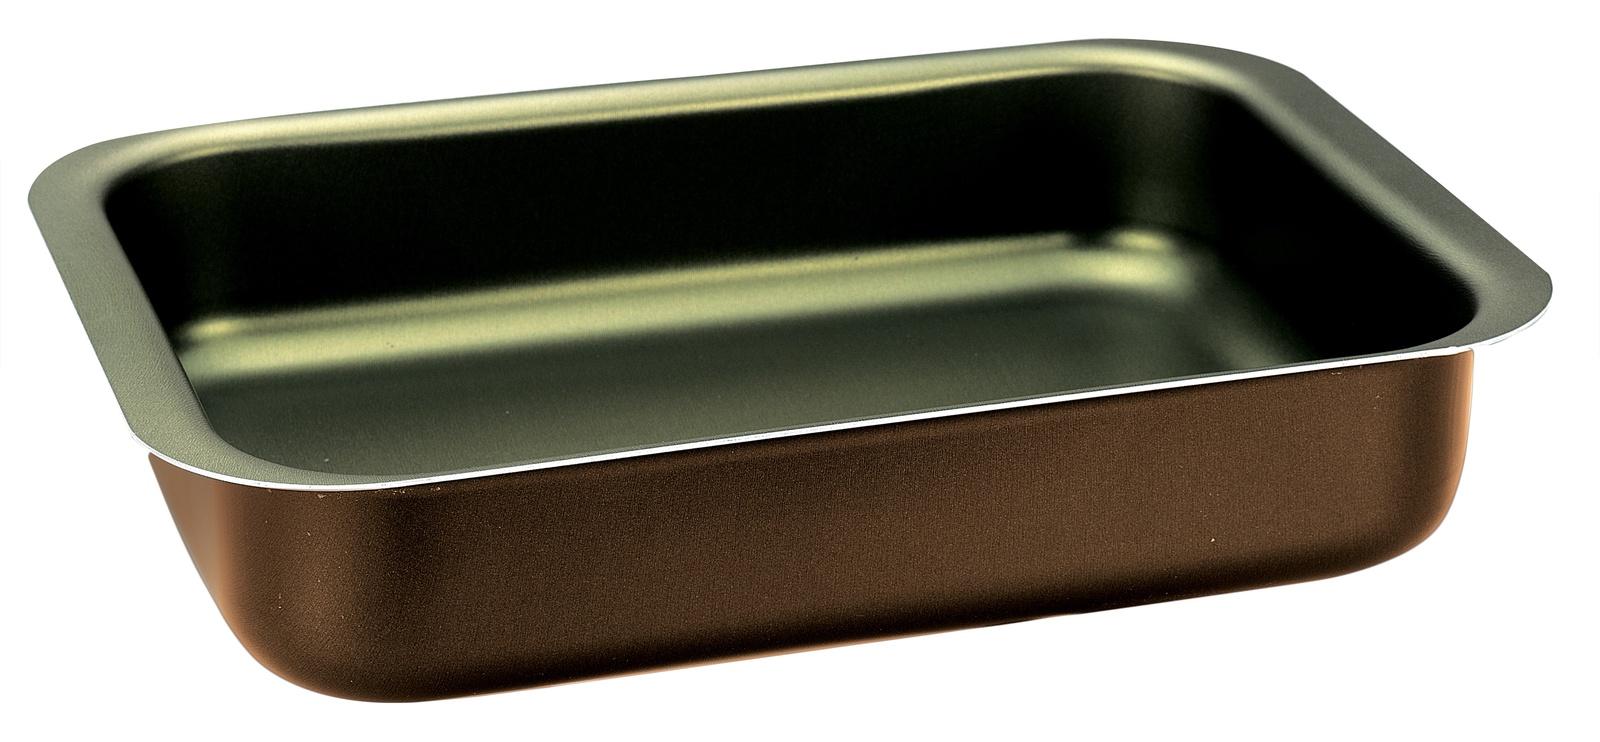 Форма прямоугольная для выпечки 35*25,5 см PENSOFAL PEN 3340 DIAMANTE